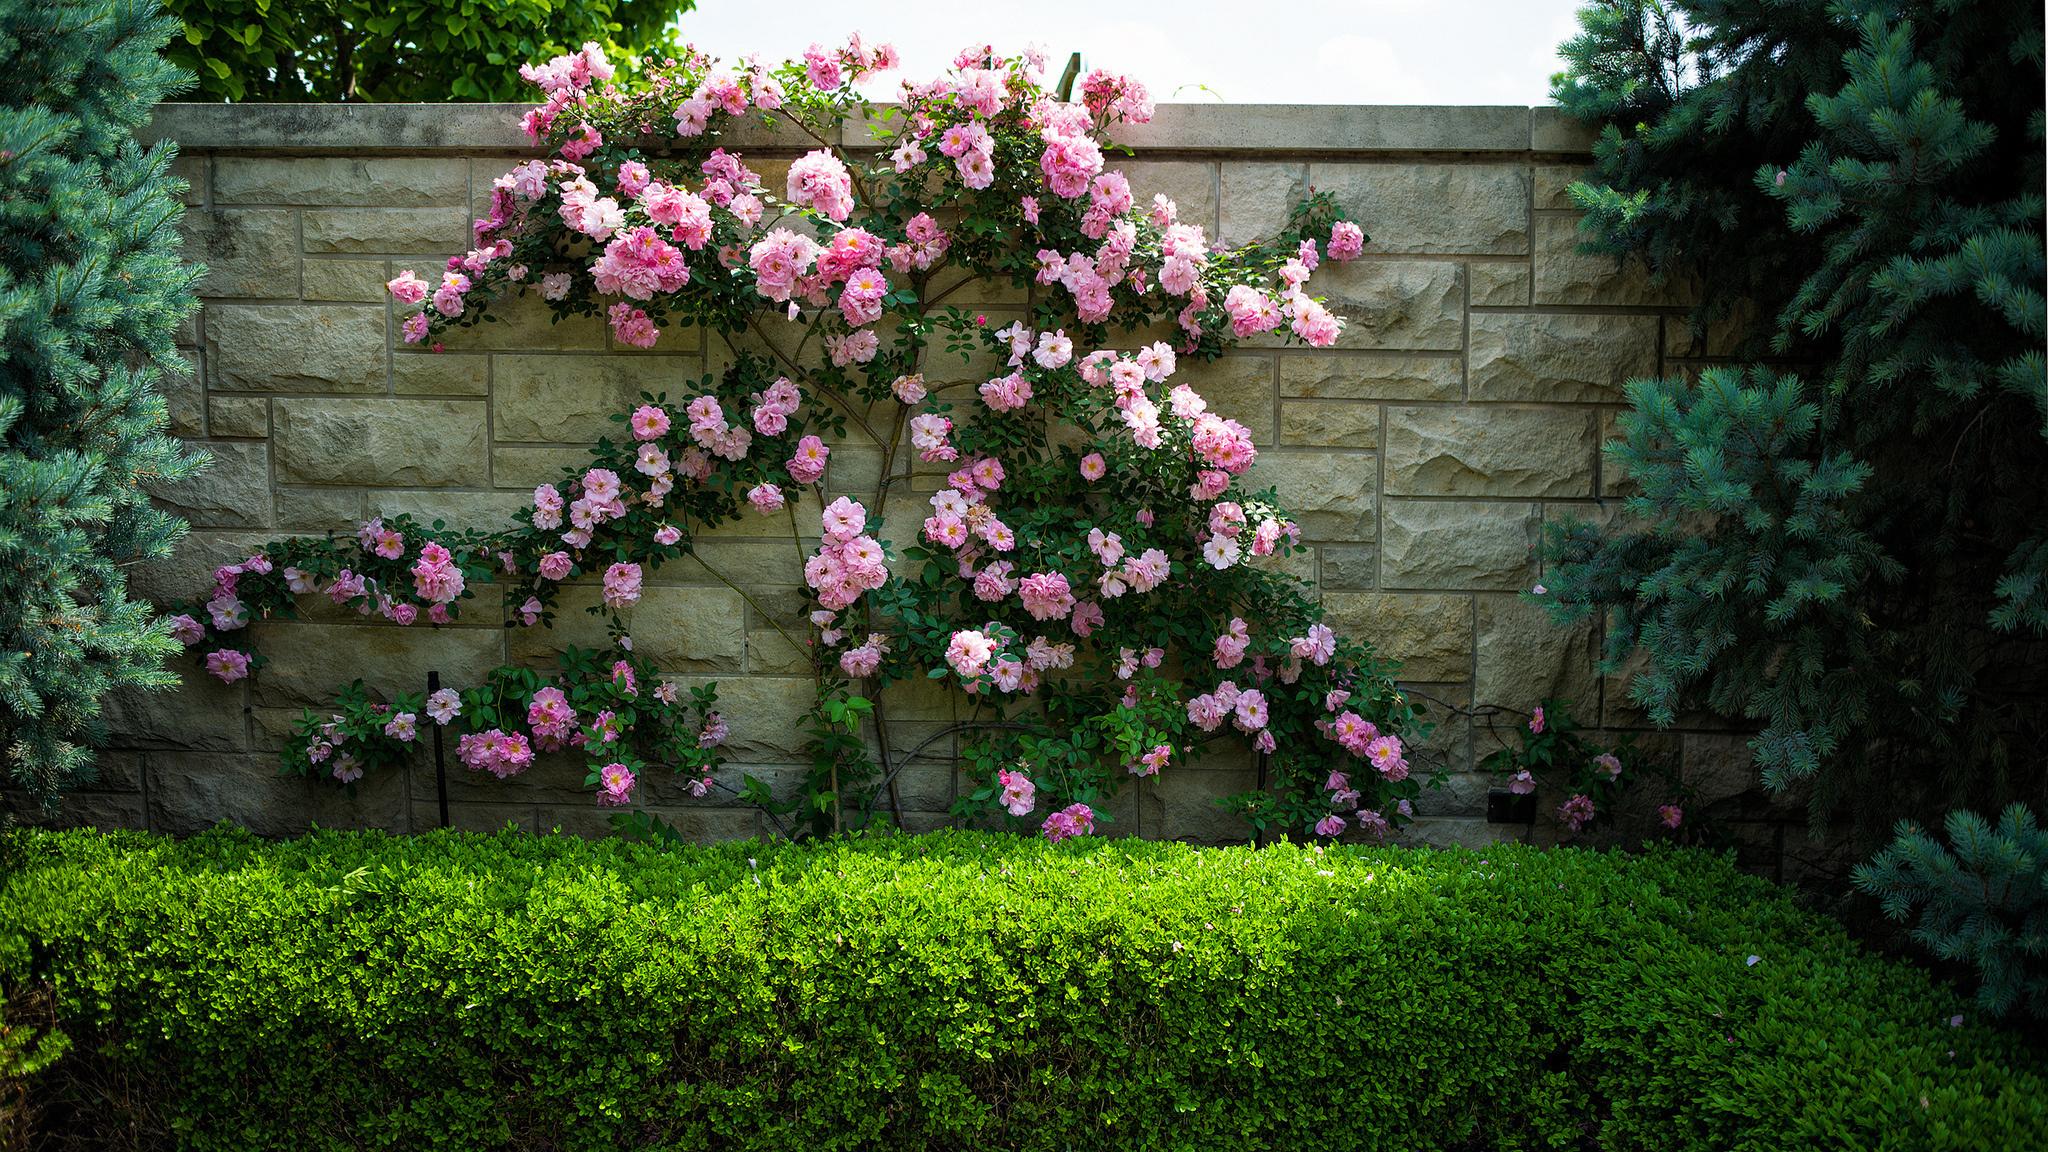 16332 скачать обои Растения, Цветы, Розы - заставки и картинки бесплатно